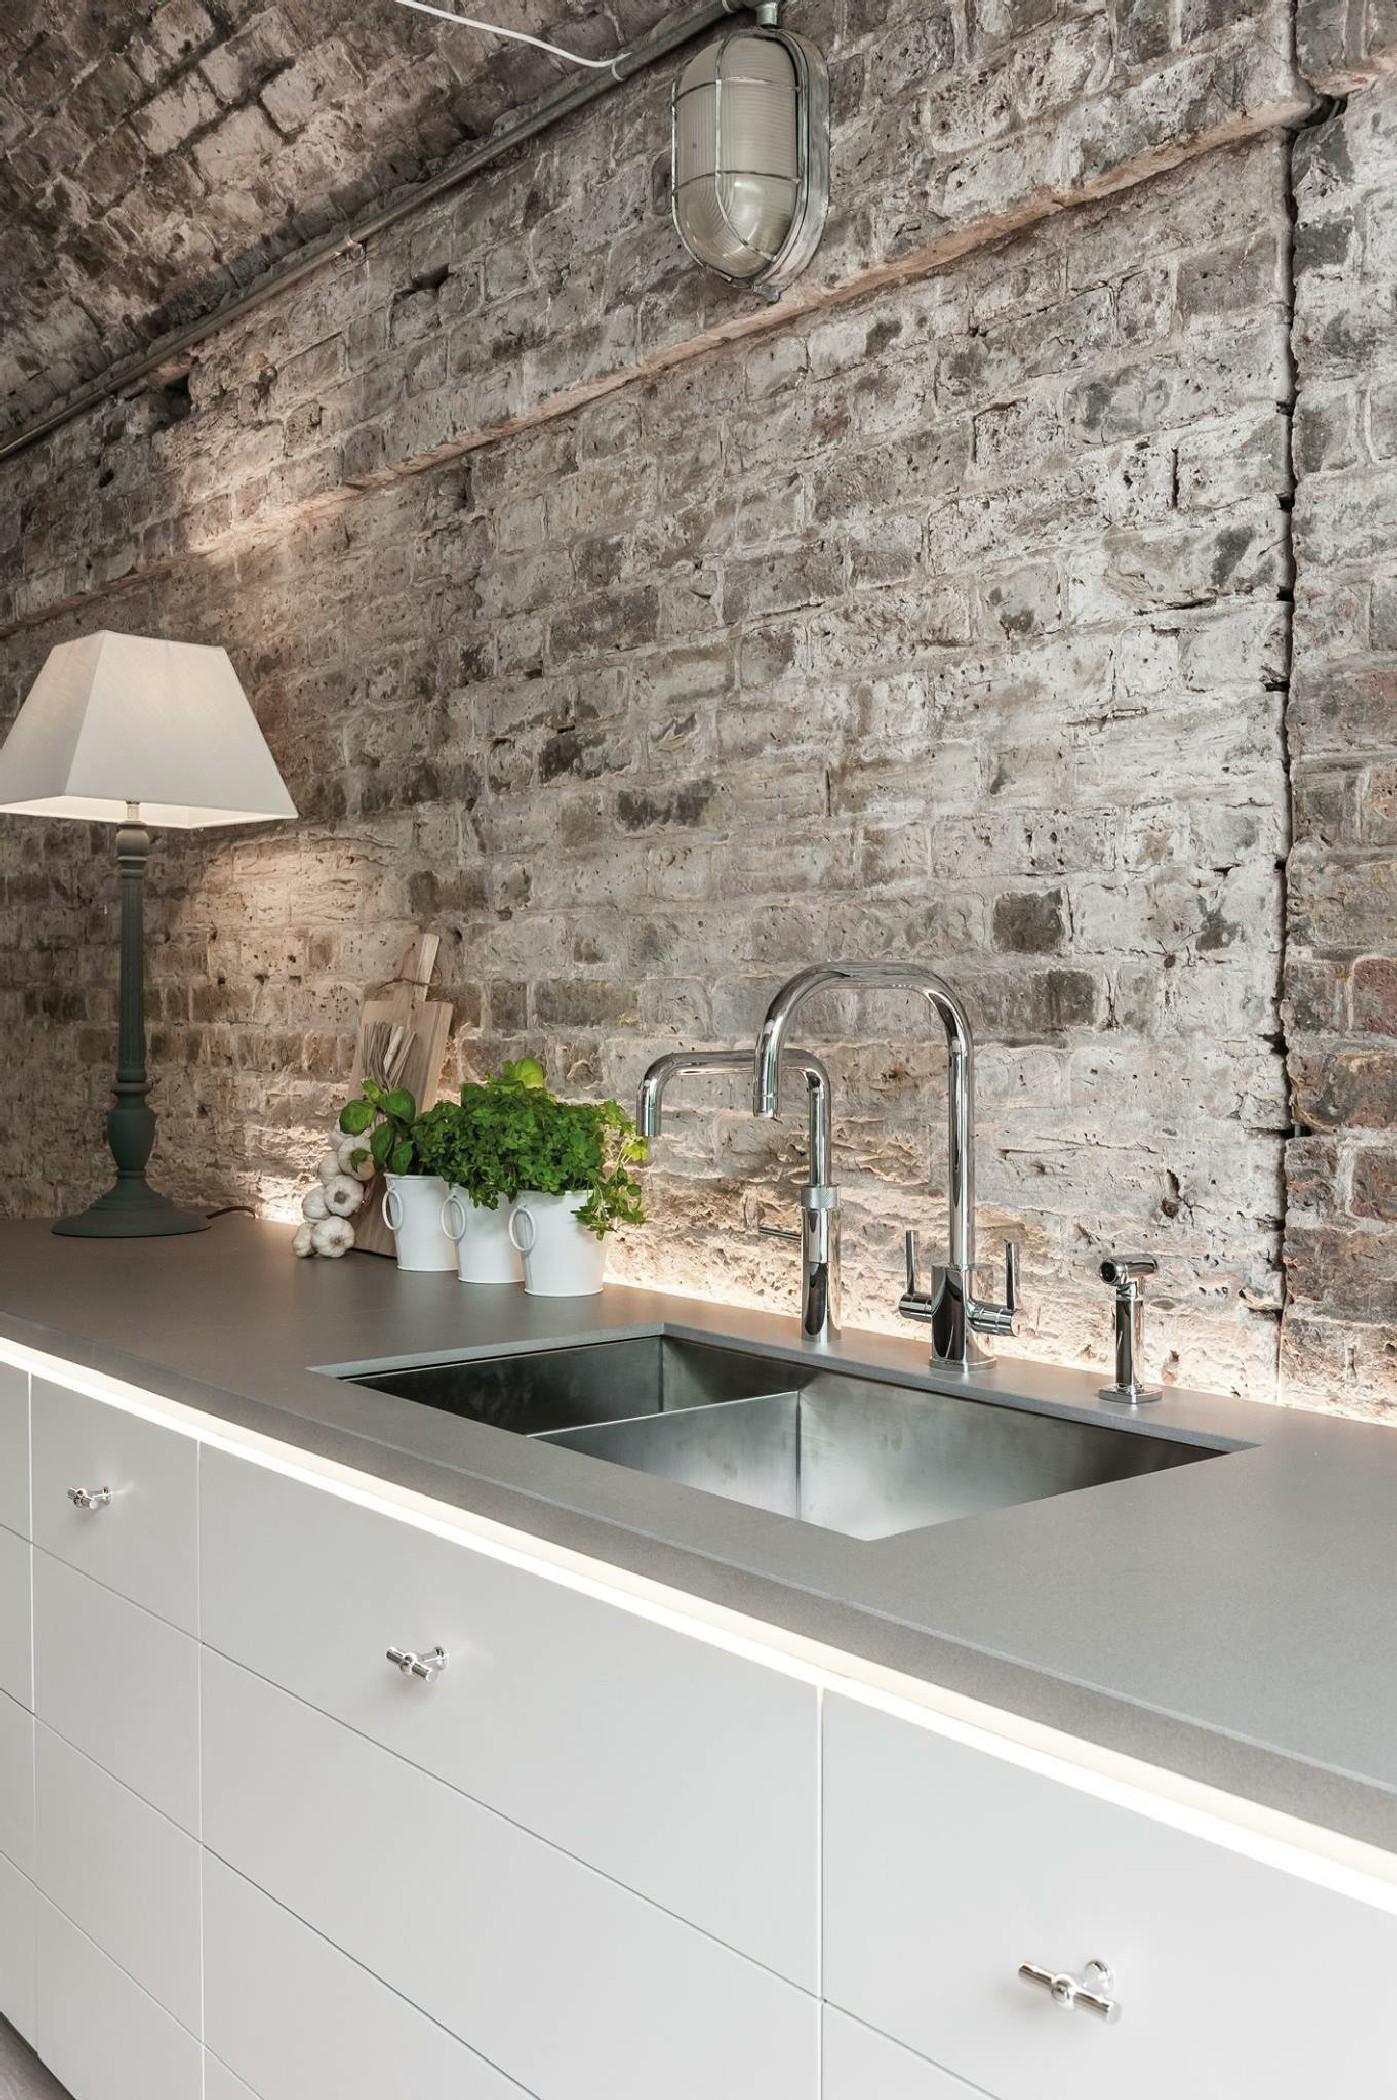 Best-Stone-Kitchen-Design-Ideas-Picture-44.jpg